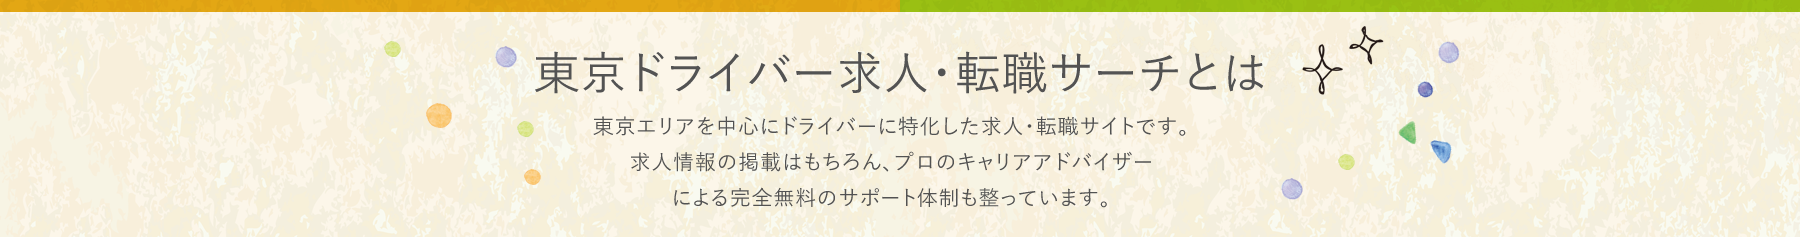 東京ドライバー求人・転職サーチとは 東京エリアを中心にドライバーに特化した求人・転職サイトです。求人情報の掲載はもちろん、プロのキャリアアドバイザーによる完全無料のサポート体制も整っています。